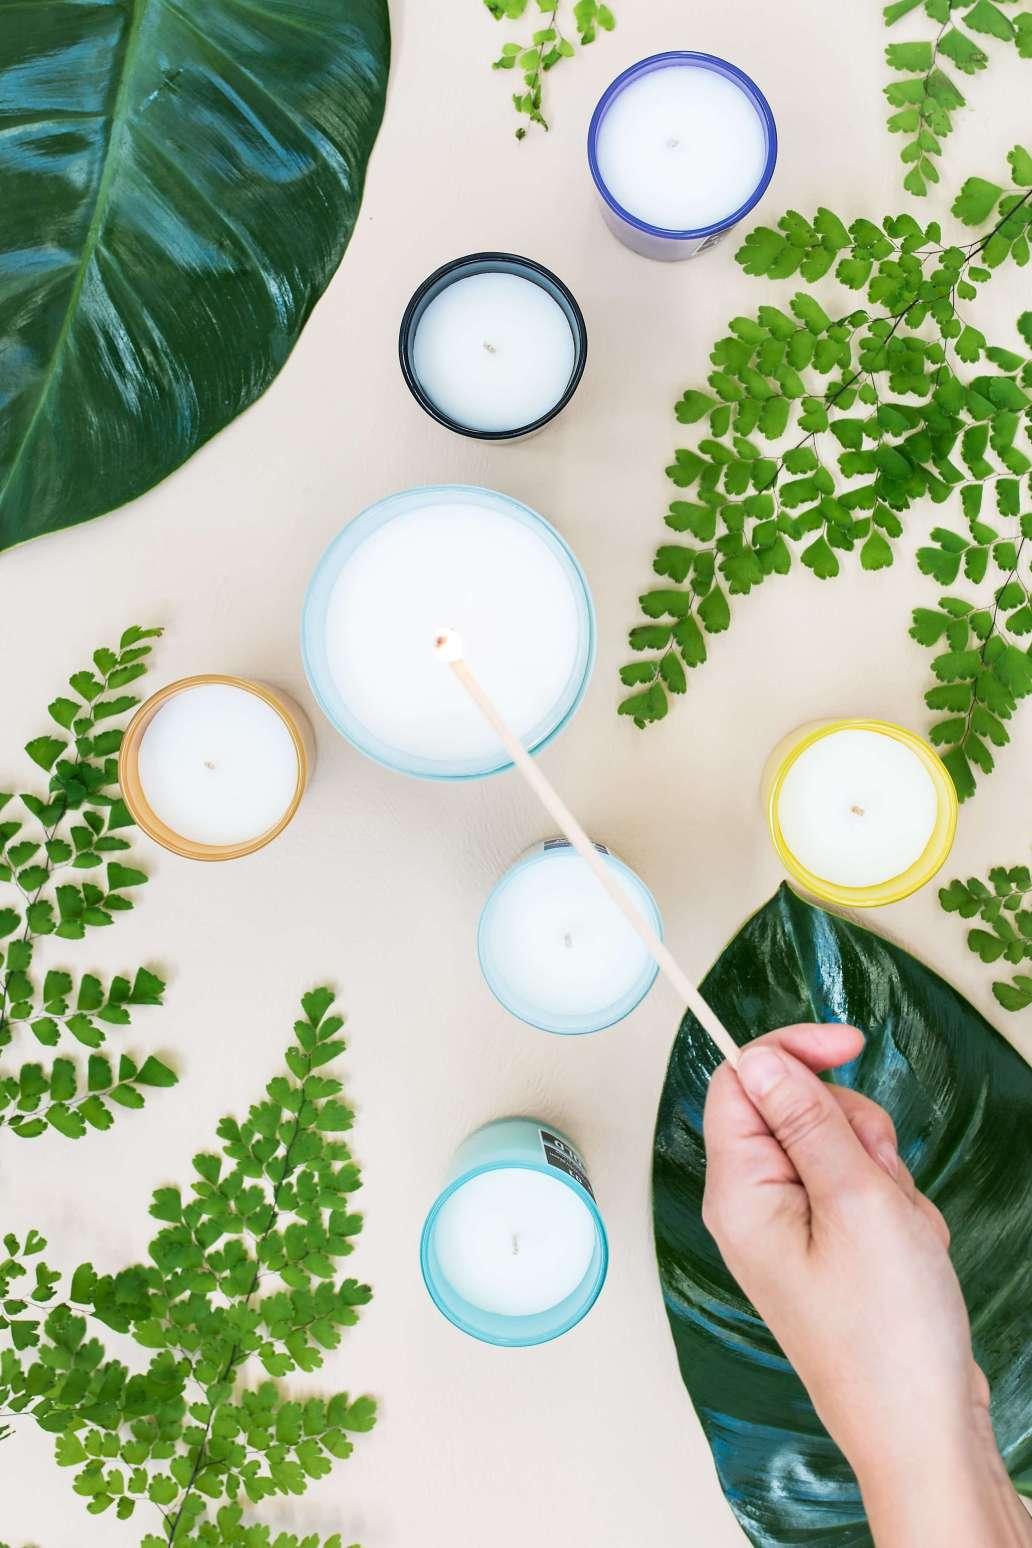 noelle australia 6ElnH17iD 8 unsplash 2 1365x2048 - Pourquoi choisir des bougies naturelles pour décorer la maison ?